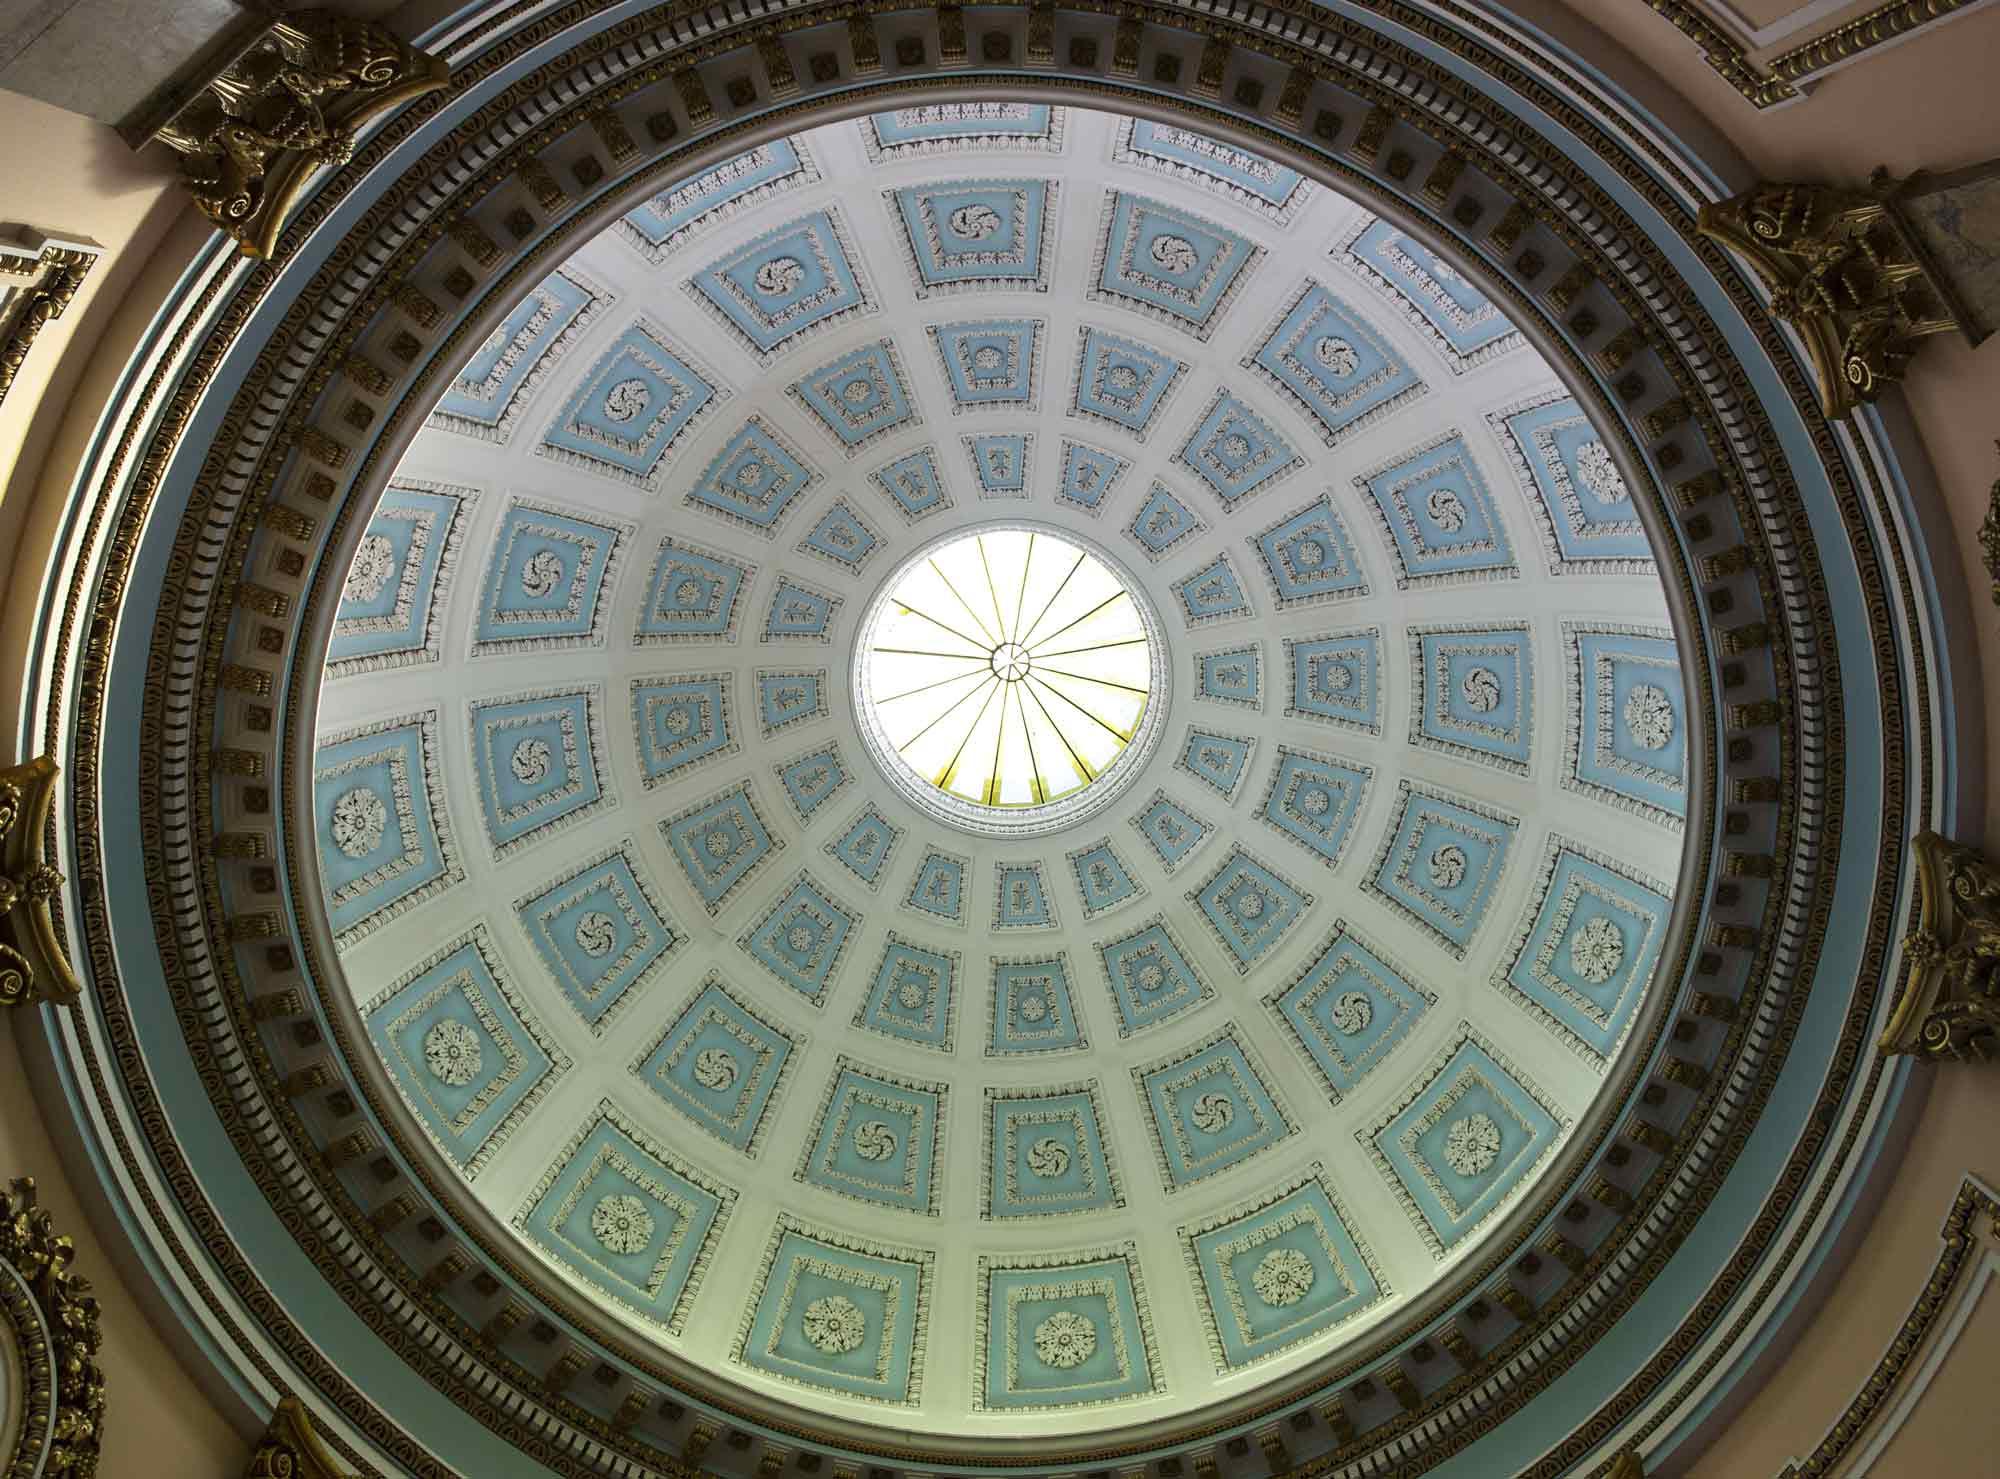 The rotunda dome